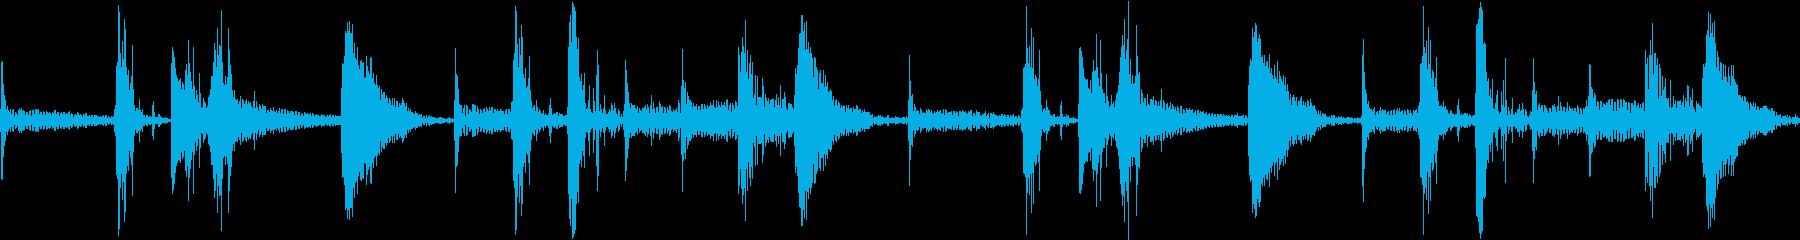 Ethno エスニックなアフリカンビートの再生済みの波形